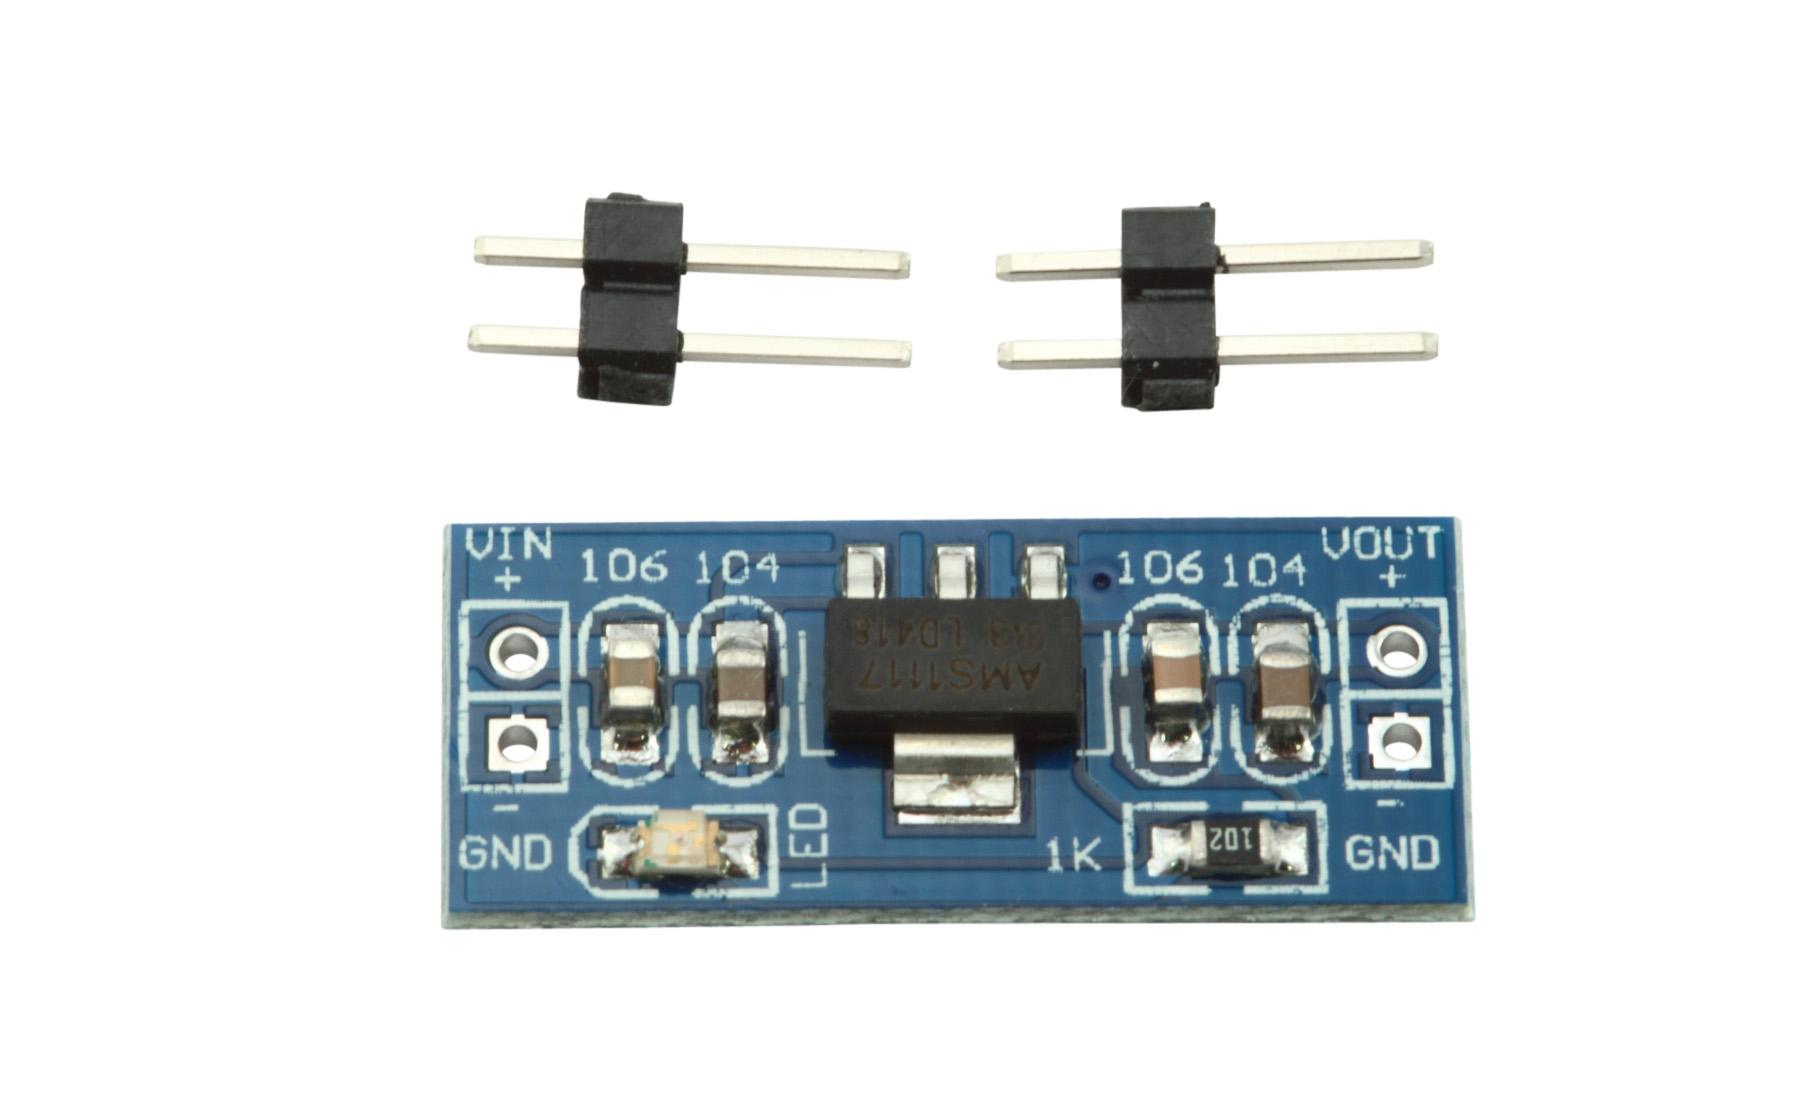 AMS1117 3.3V Out 4.5V to 12V In DC-DC Linear Voltage Regulator Module Datasheet